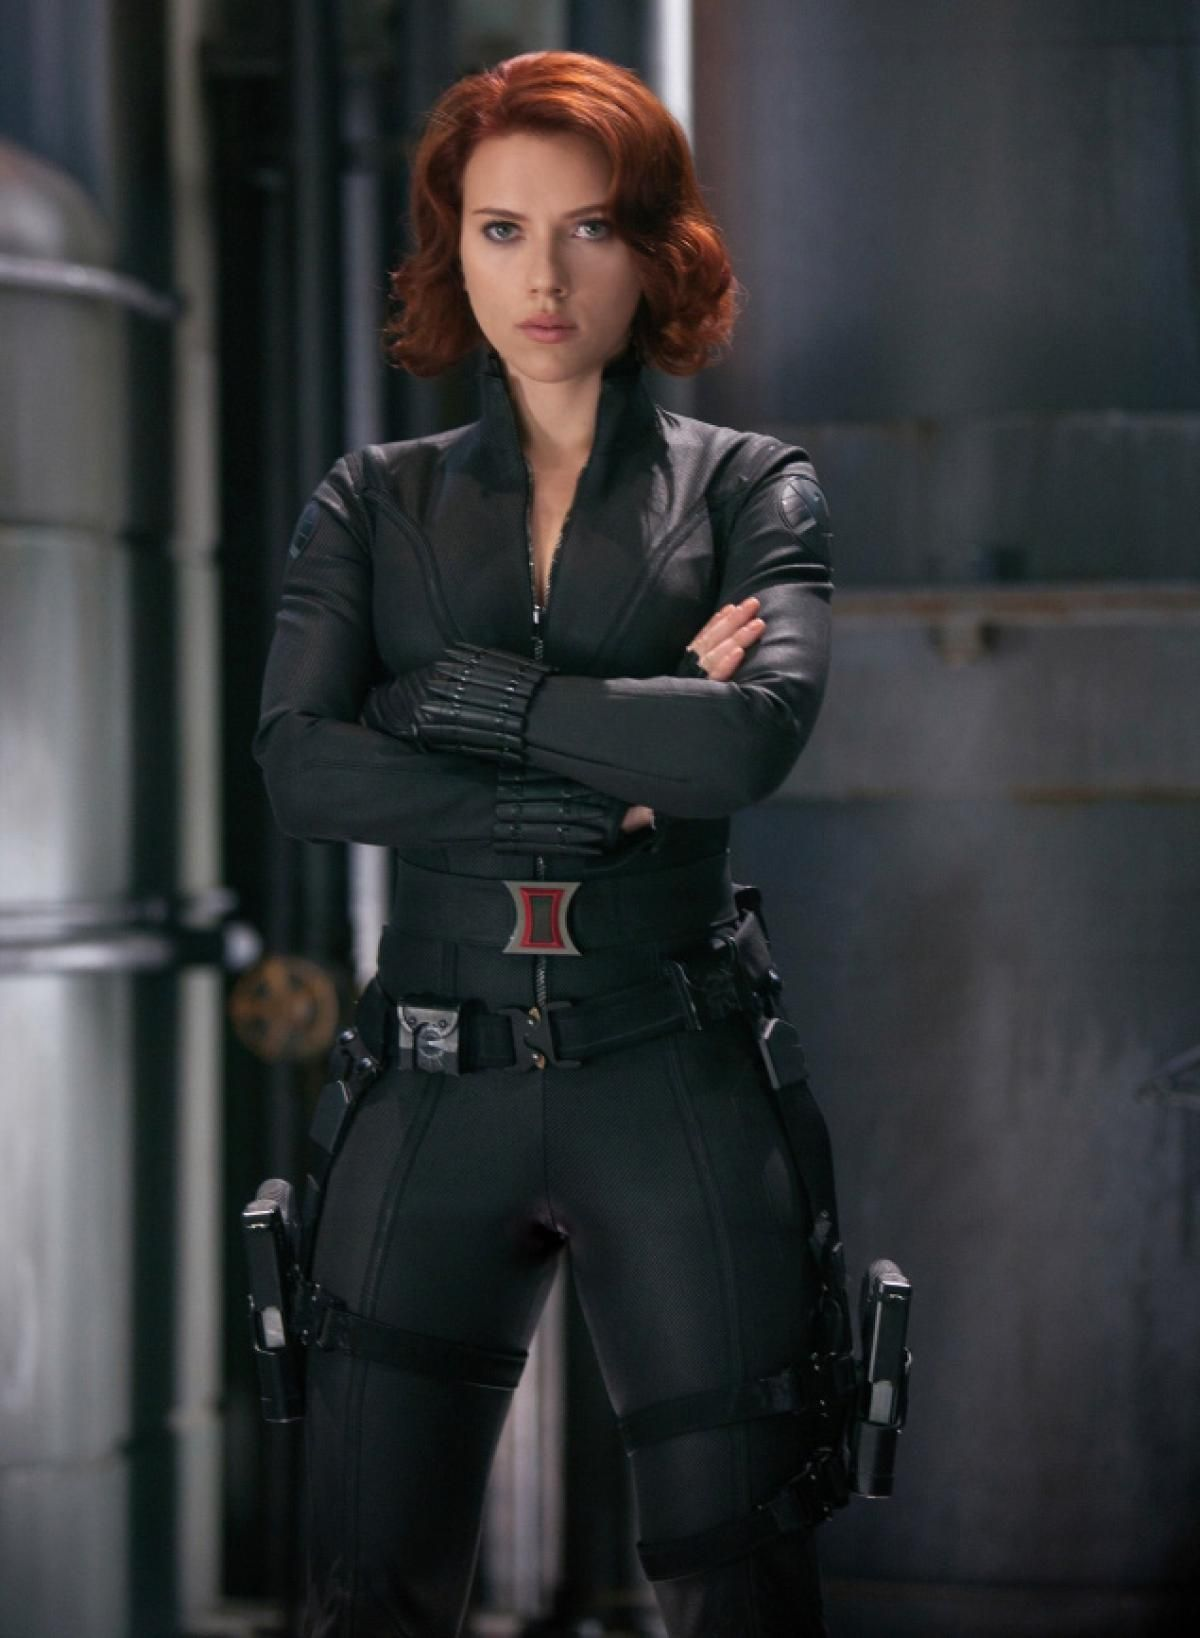 johansson avengers hot Scarlett